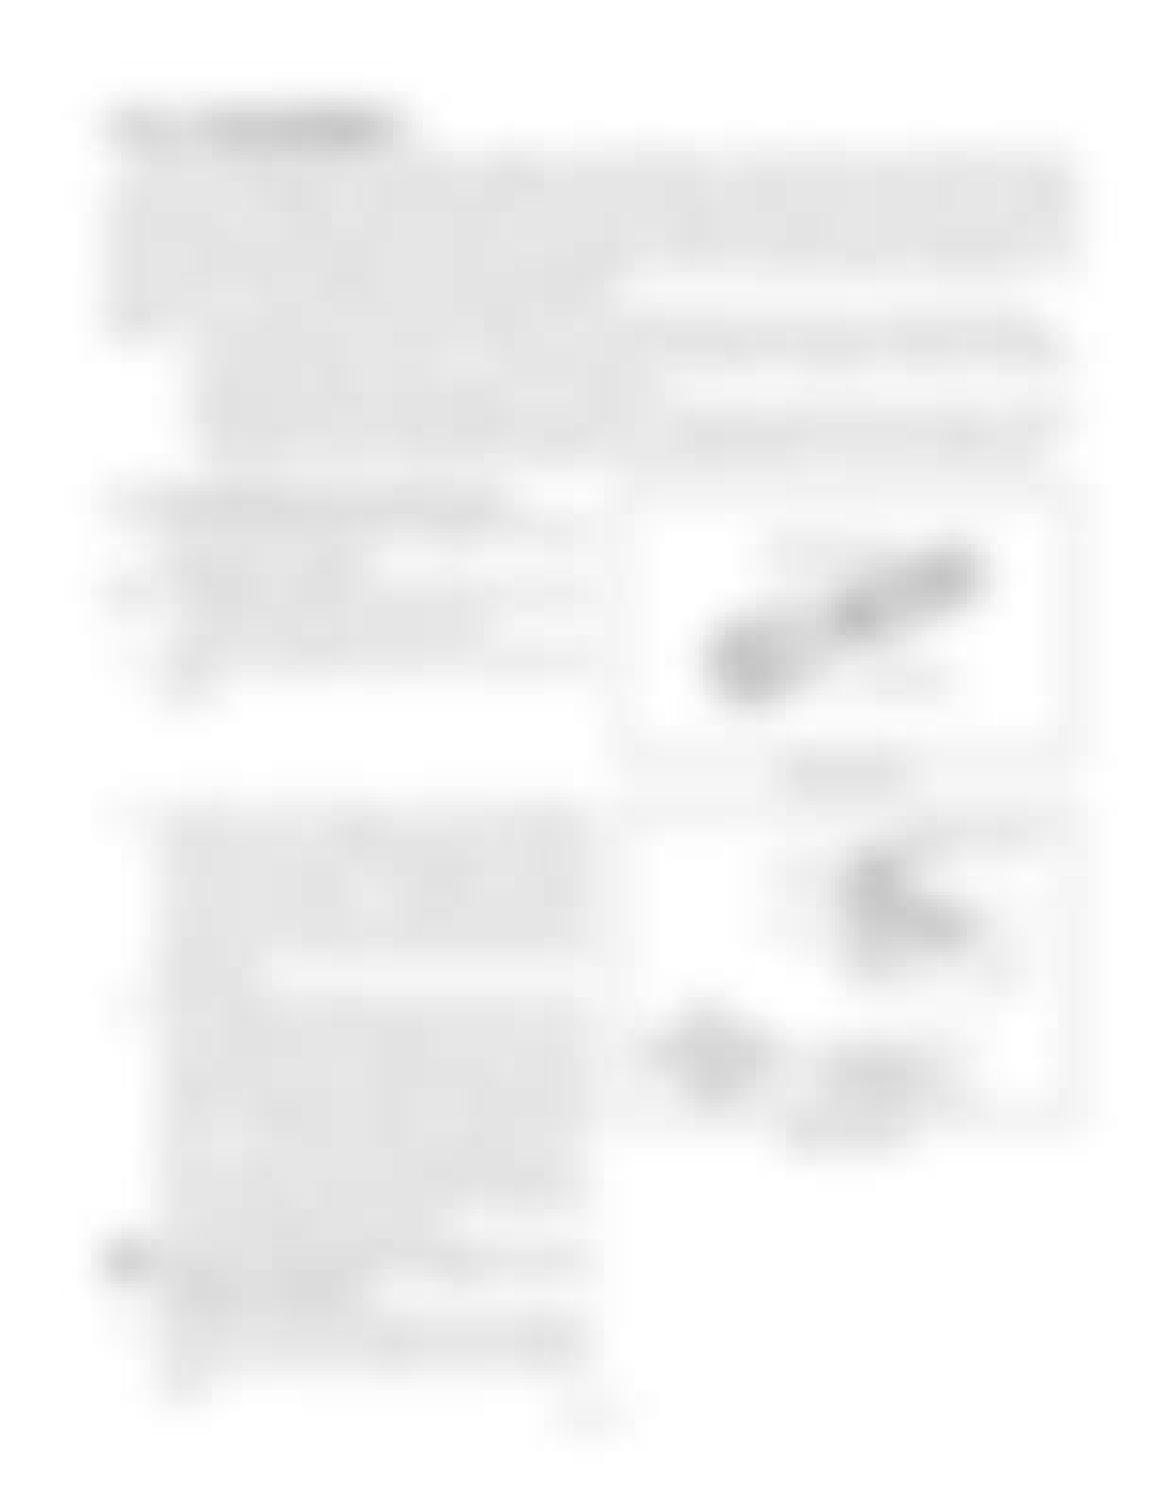 Hitachi LX110-7 LX130-7 LX160-7 LX190-7 LX230-7 Wheel Loader Workshop Manual - PDF DOWNLOAD page 287